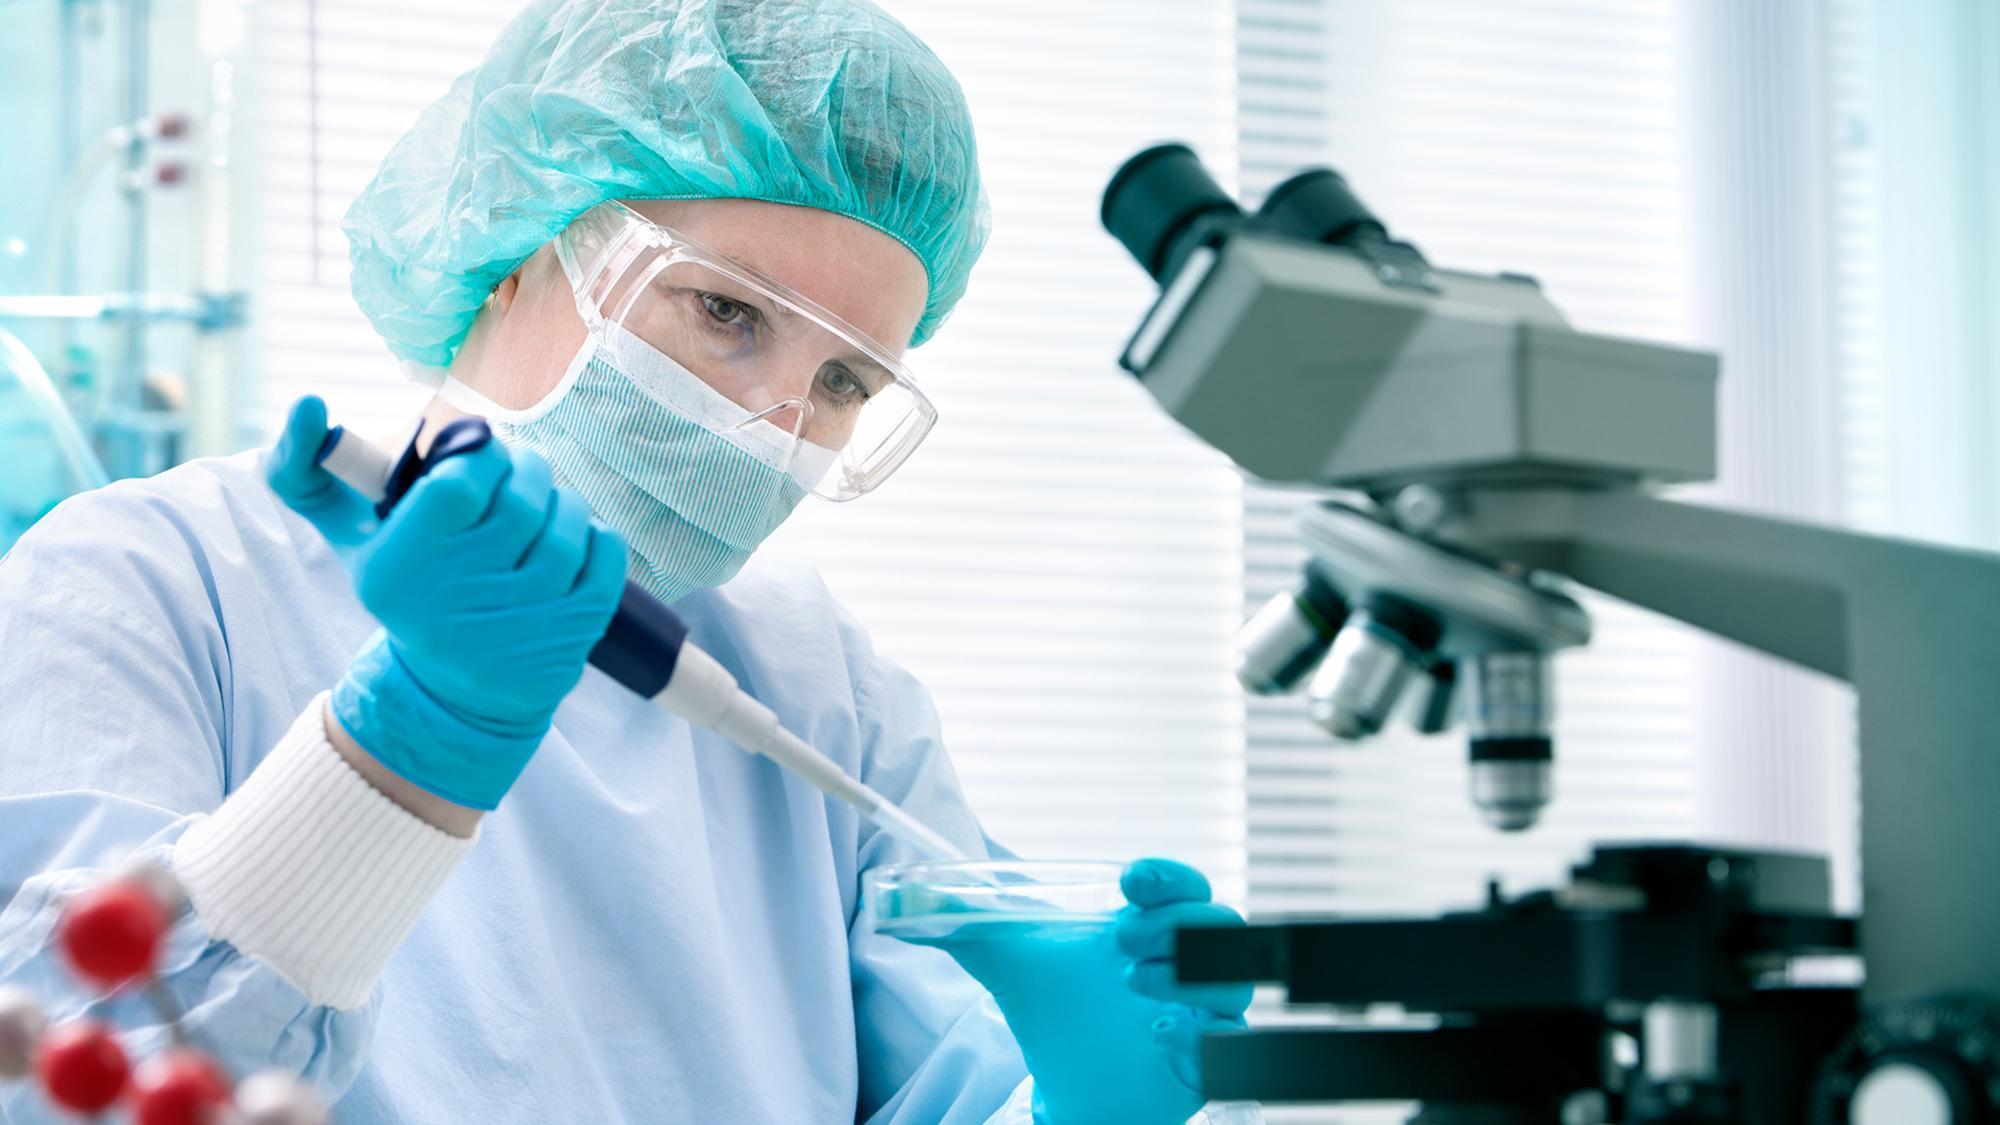 В бактериях впервые замечен белок, действующий подобно инфекционному агенту